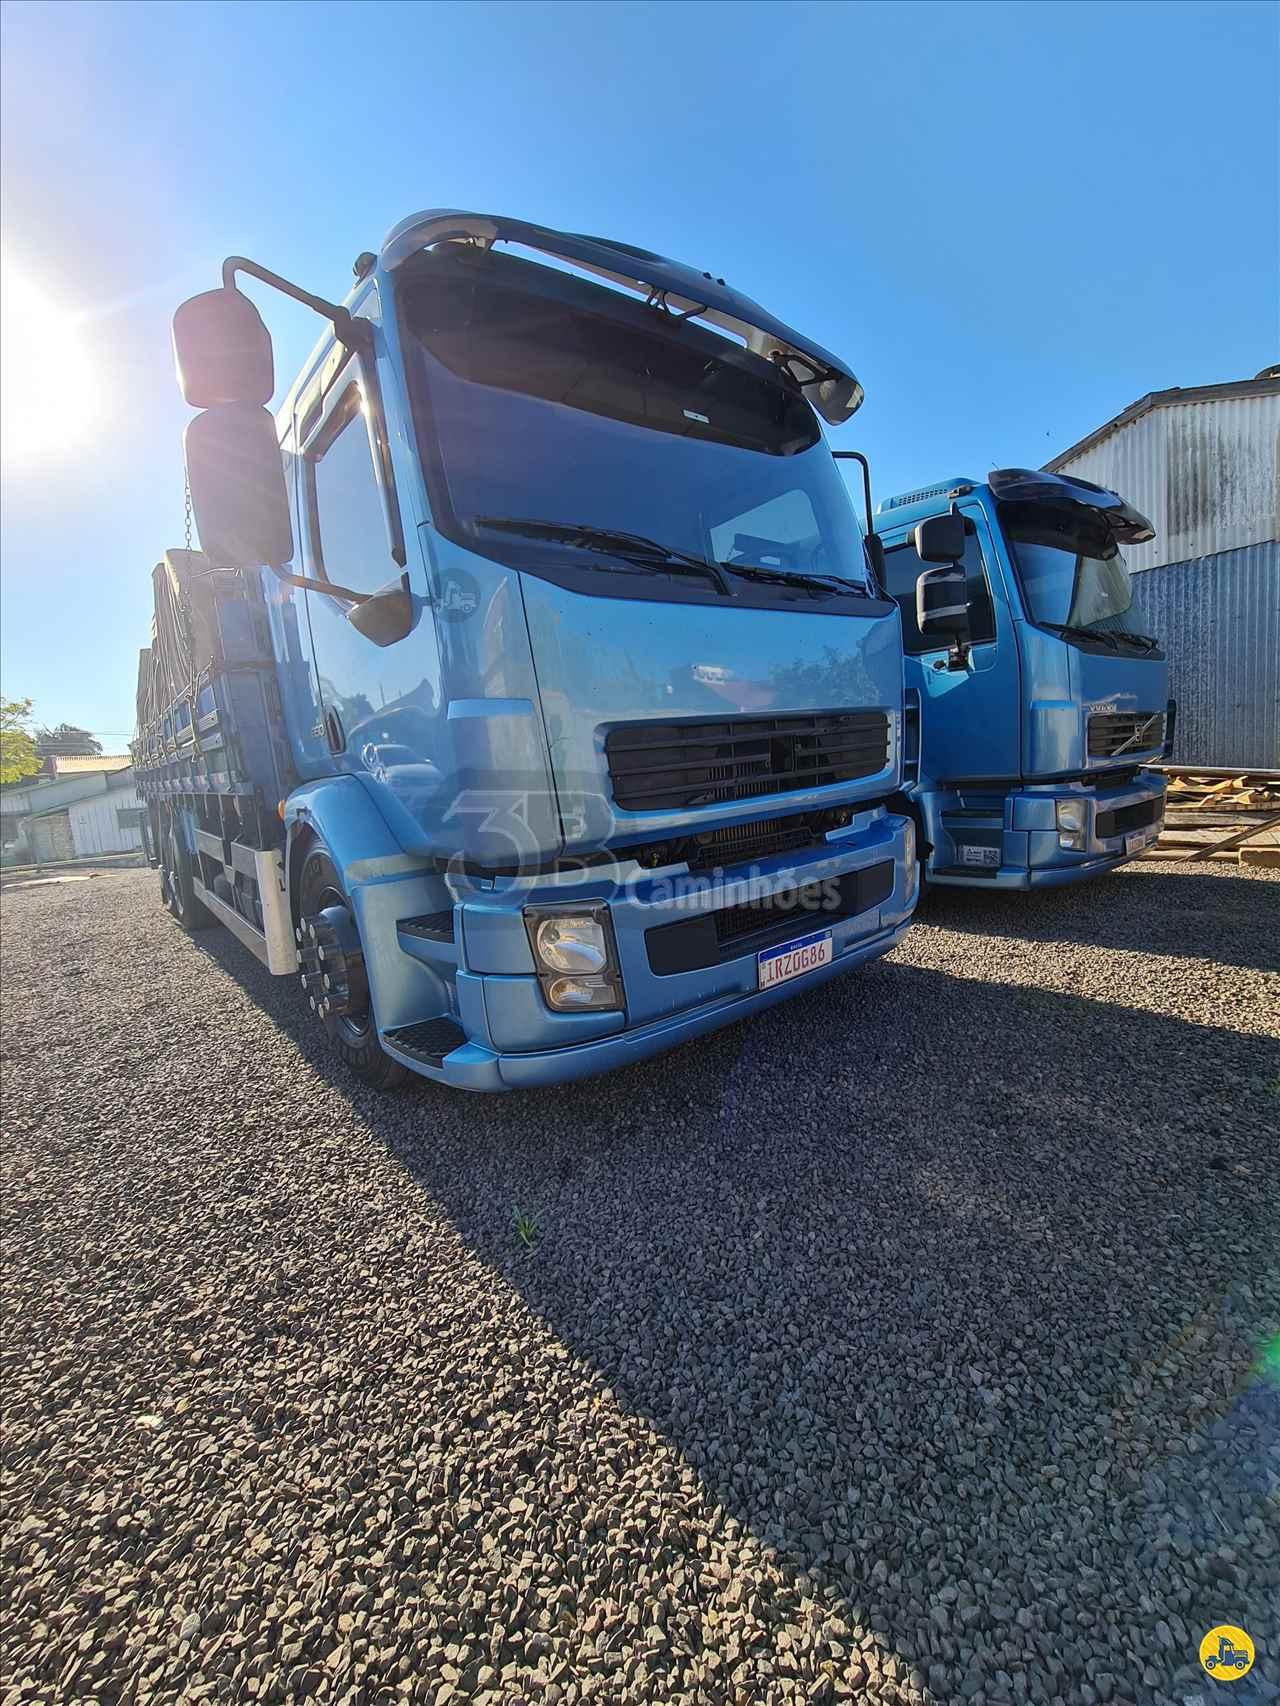 CAMINHAO VOLVO VOLVO VM 260 Carga Seca Truck 6x2 3B Caminhões SAO SEBASTIAO DO CAI RIO GRANDE DO SUL RS